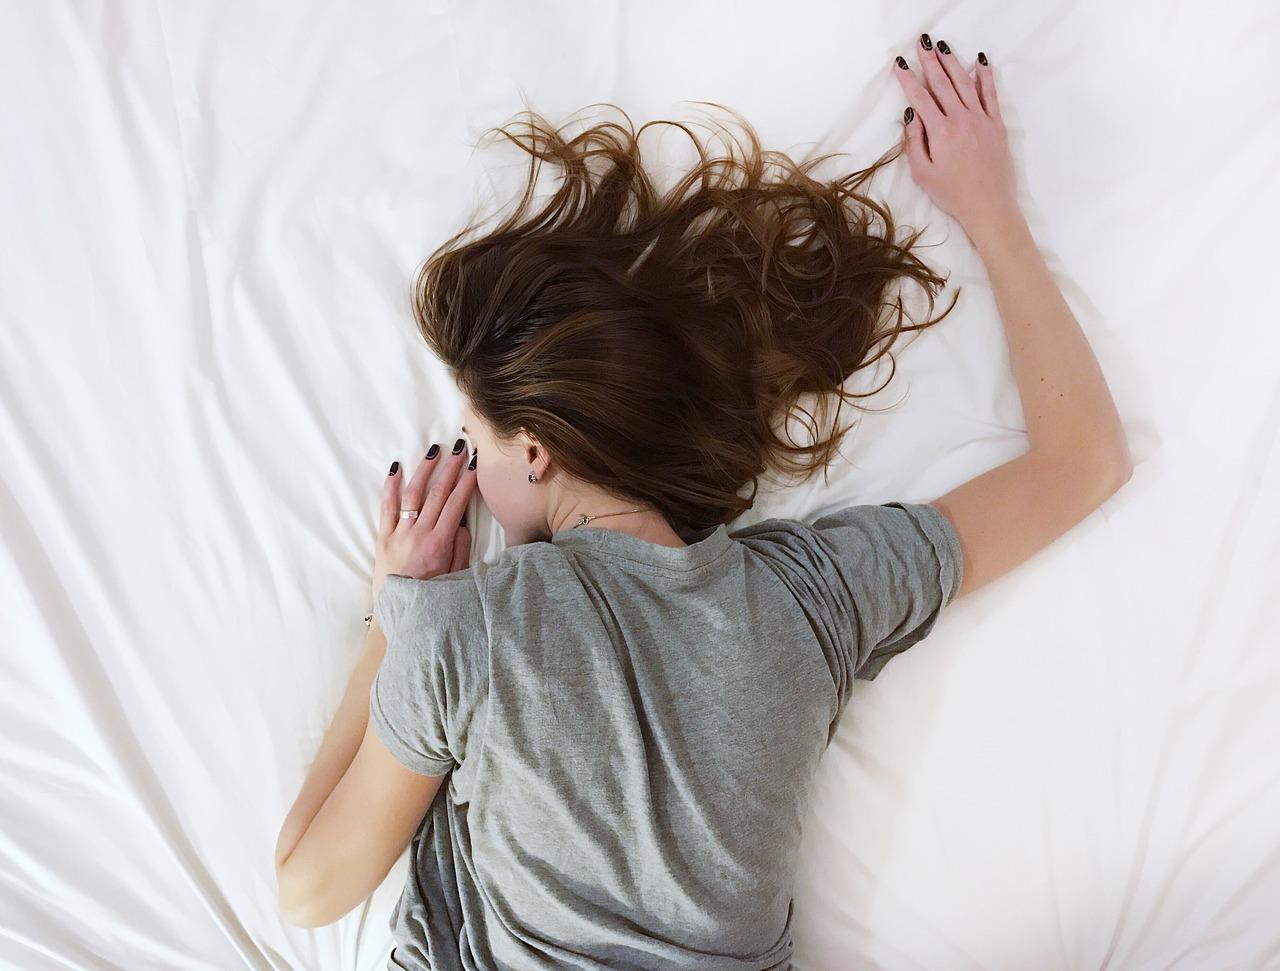 寝起きに起こる吐き気…妊娠初期のつわりの特徴と対処法